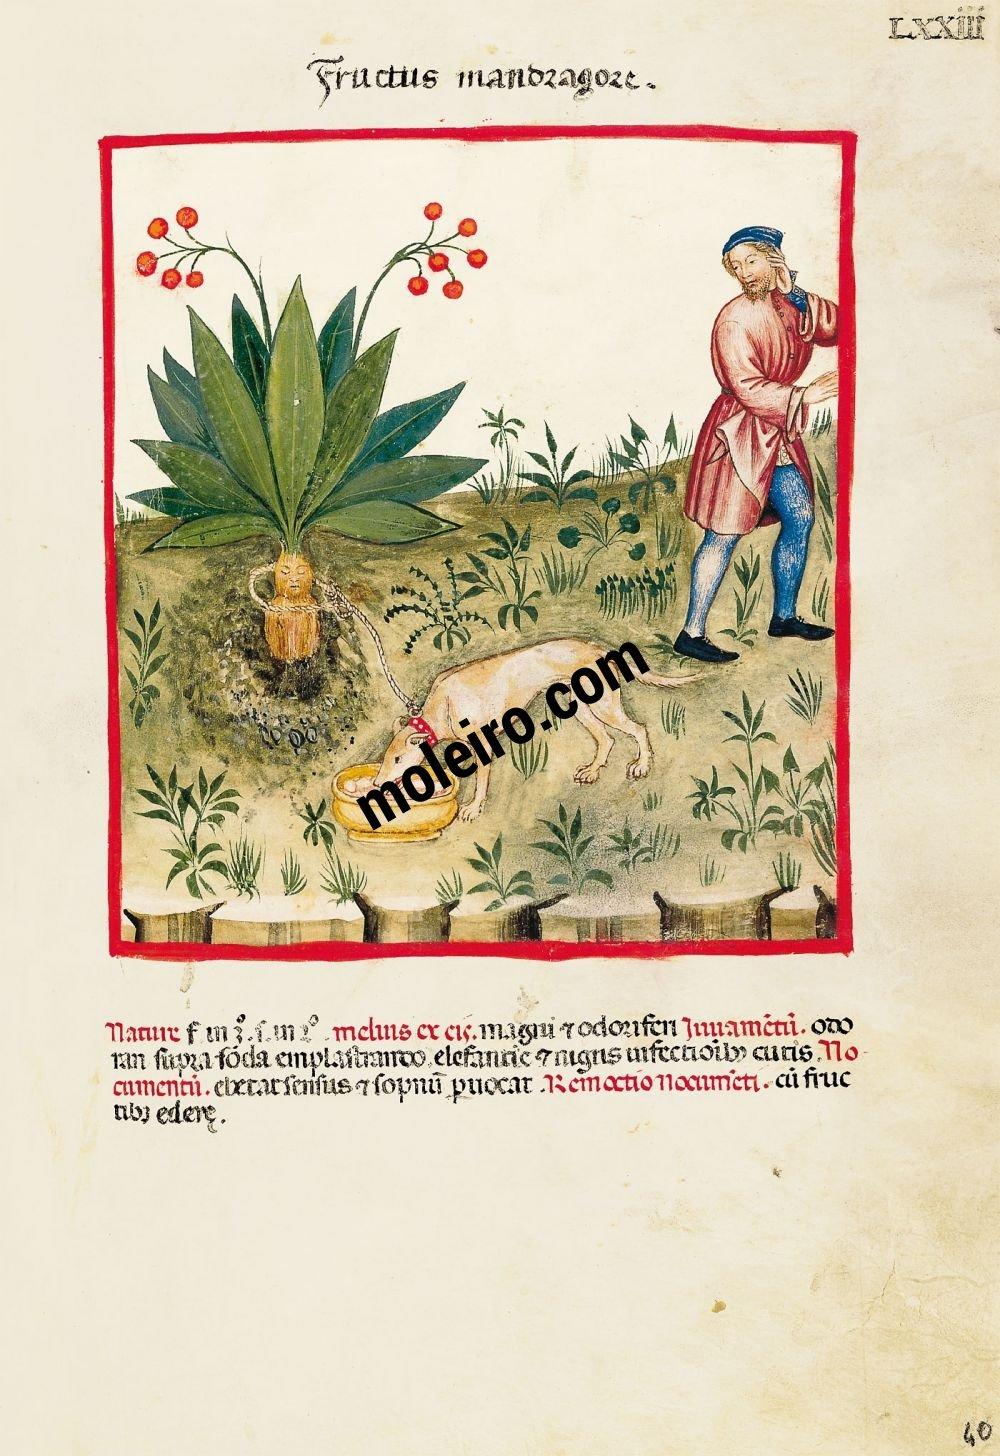 Theatrum Sanitatis f. LXXIII, Frucht der Alraunwurzel